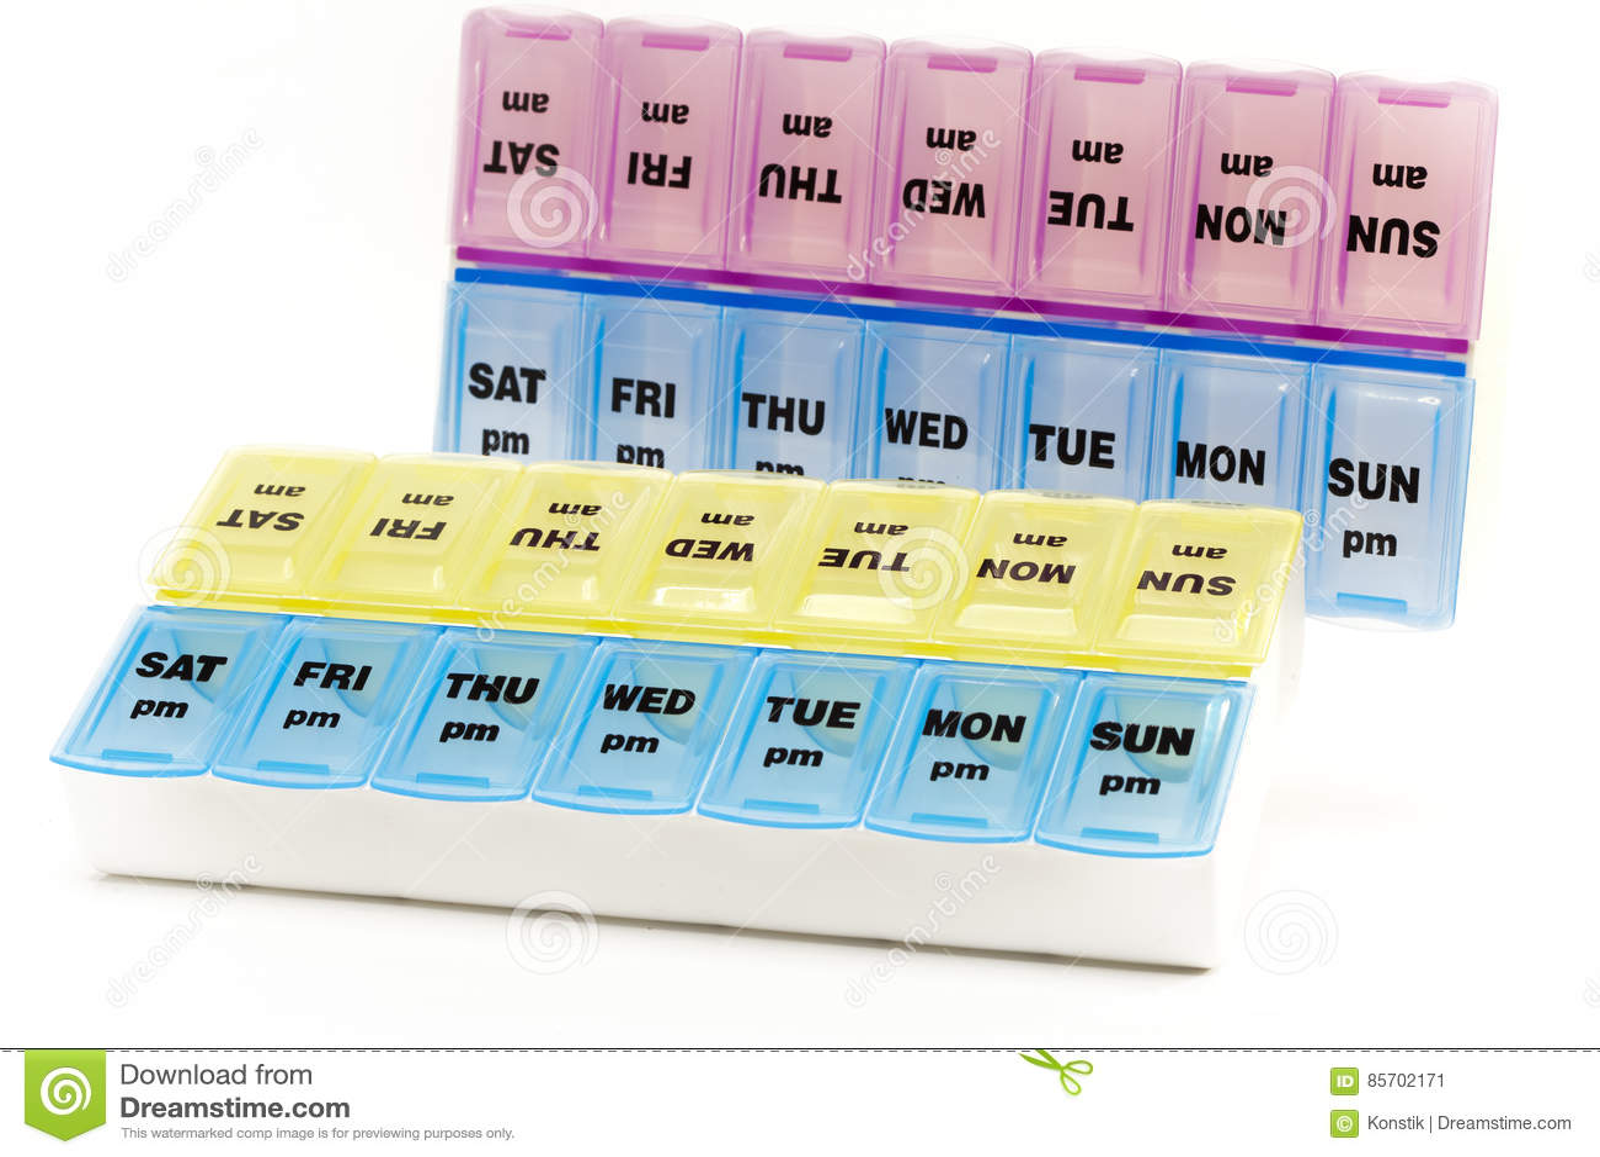 Doos voor opslag van drugs, met inschrijvingen op dagen van de week